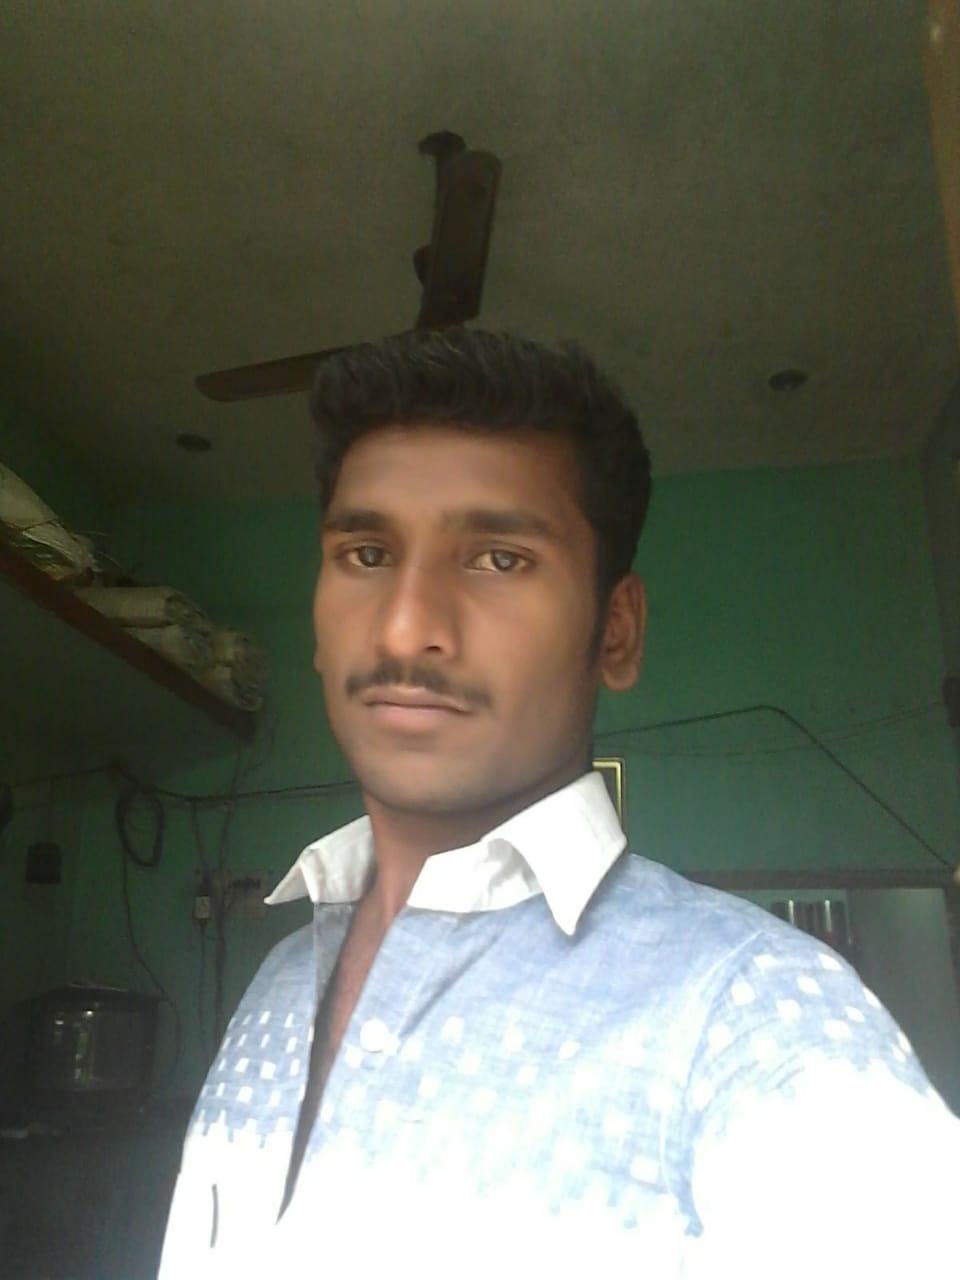 பூமதியின் தம்பி நடராஜ்